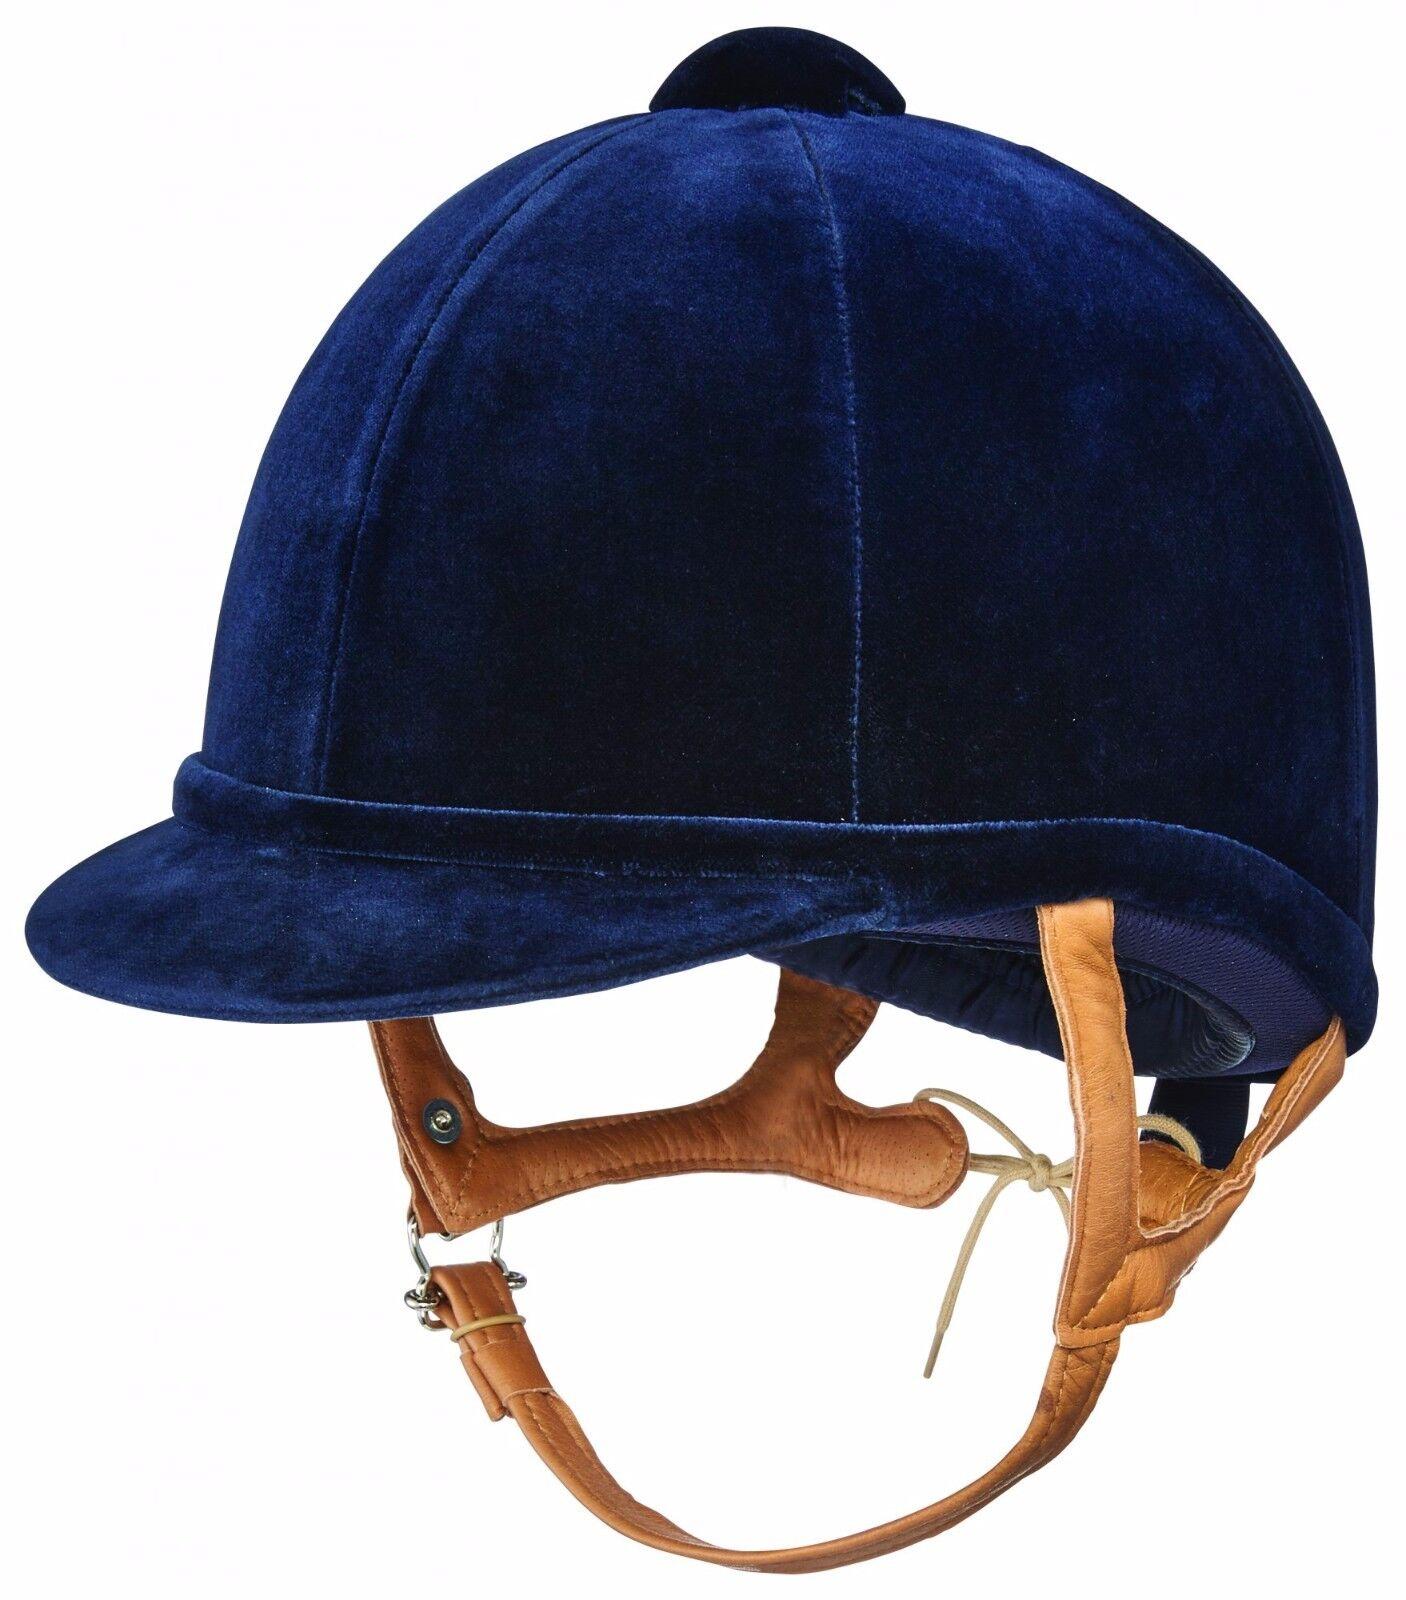 Charles Owen FIAN Azul MarinoTerciopelo Equitación Sombrero ideal para mostrar